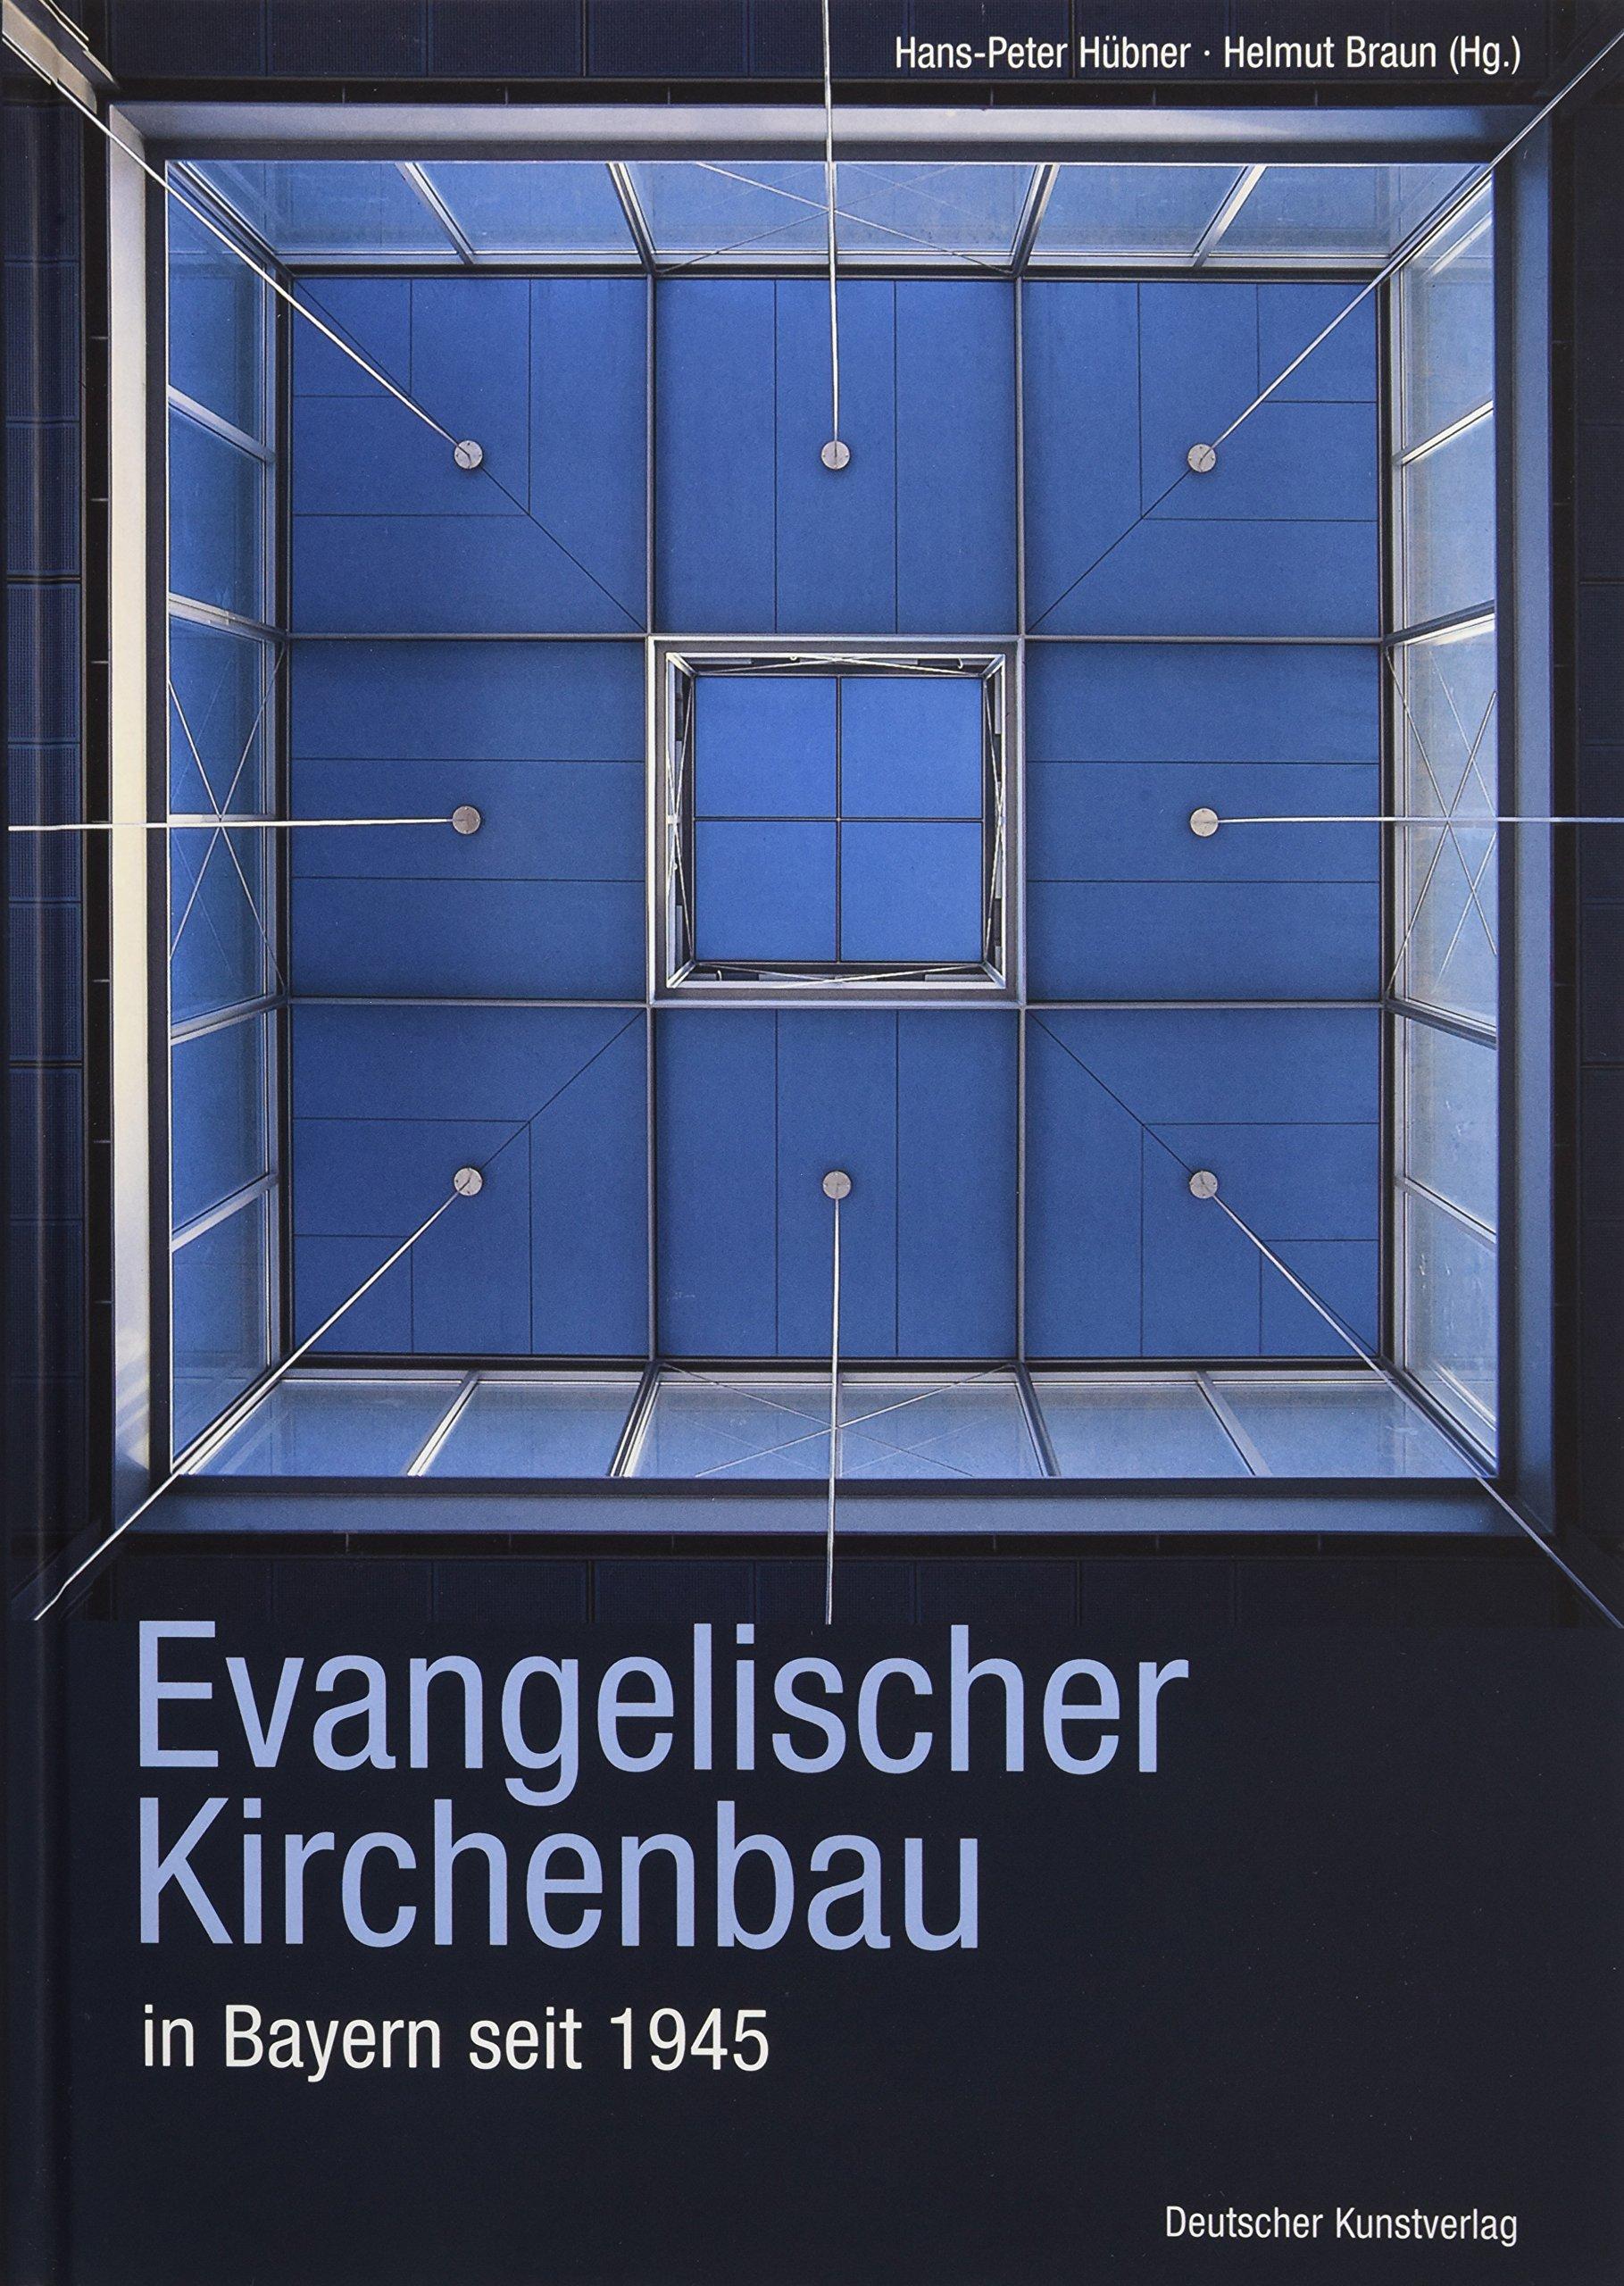 Evangelischer Kirchenbau in Bayern nach 1945